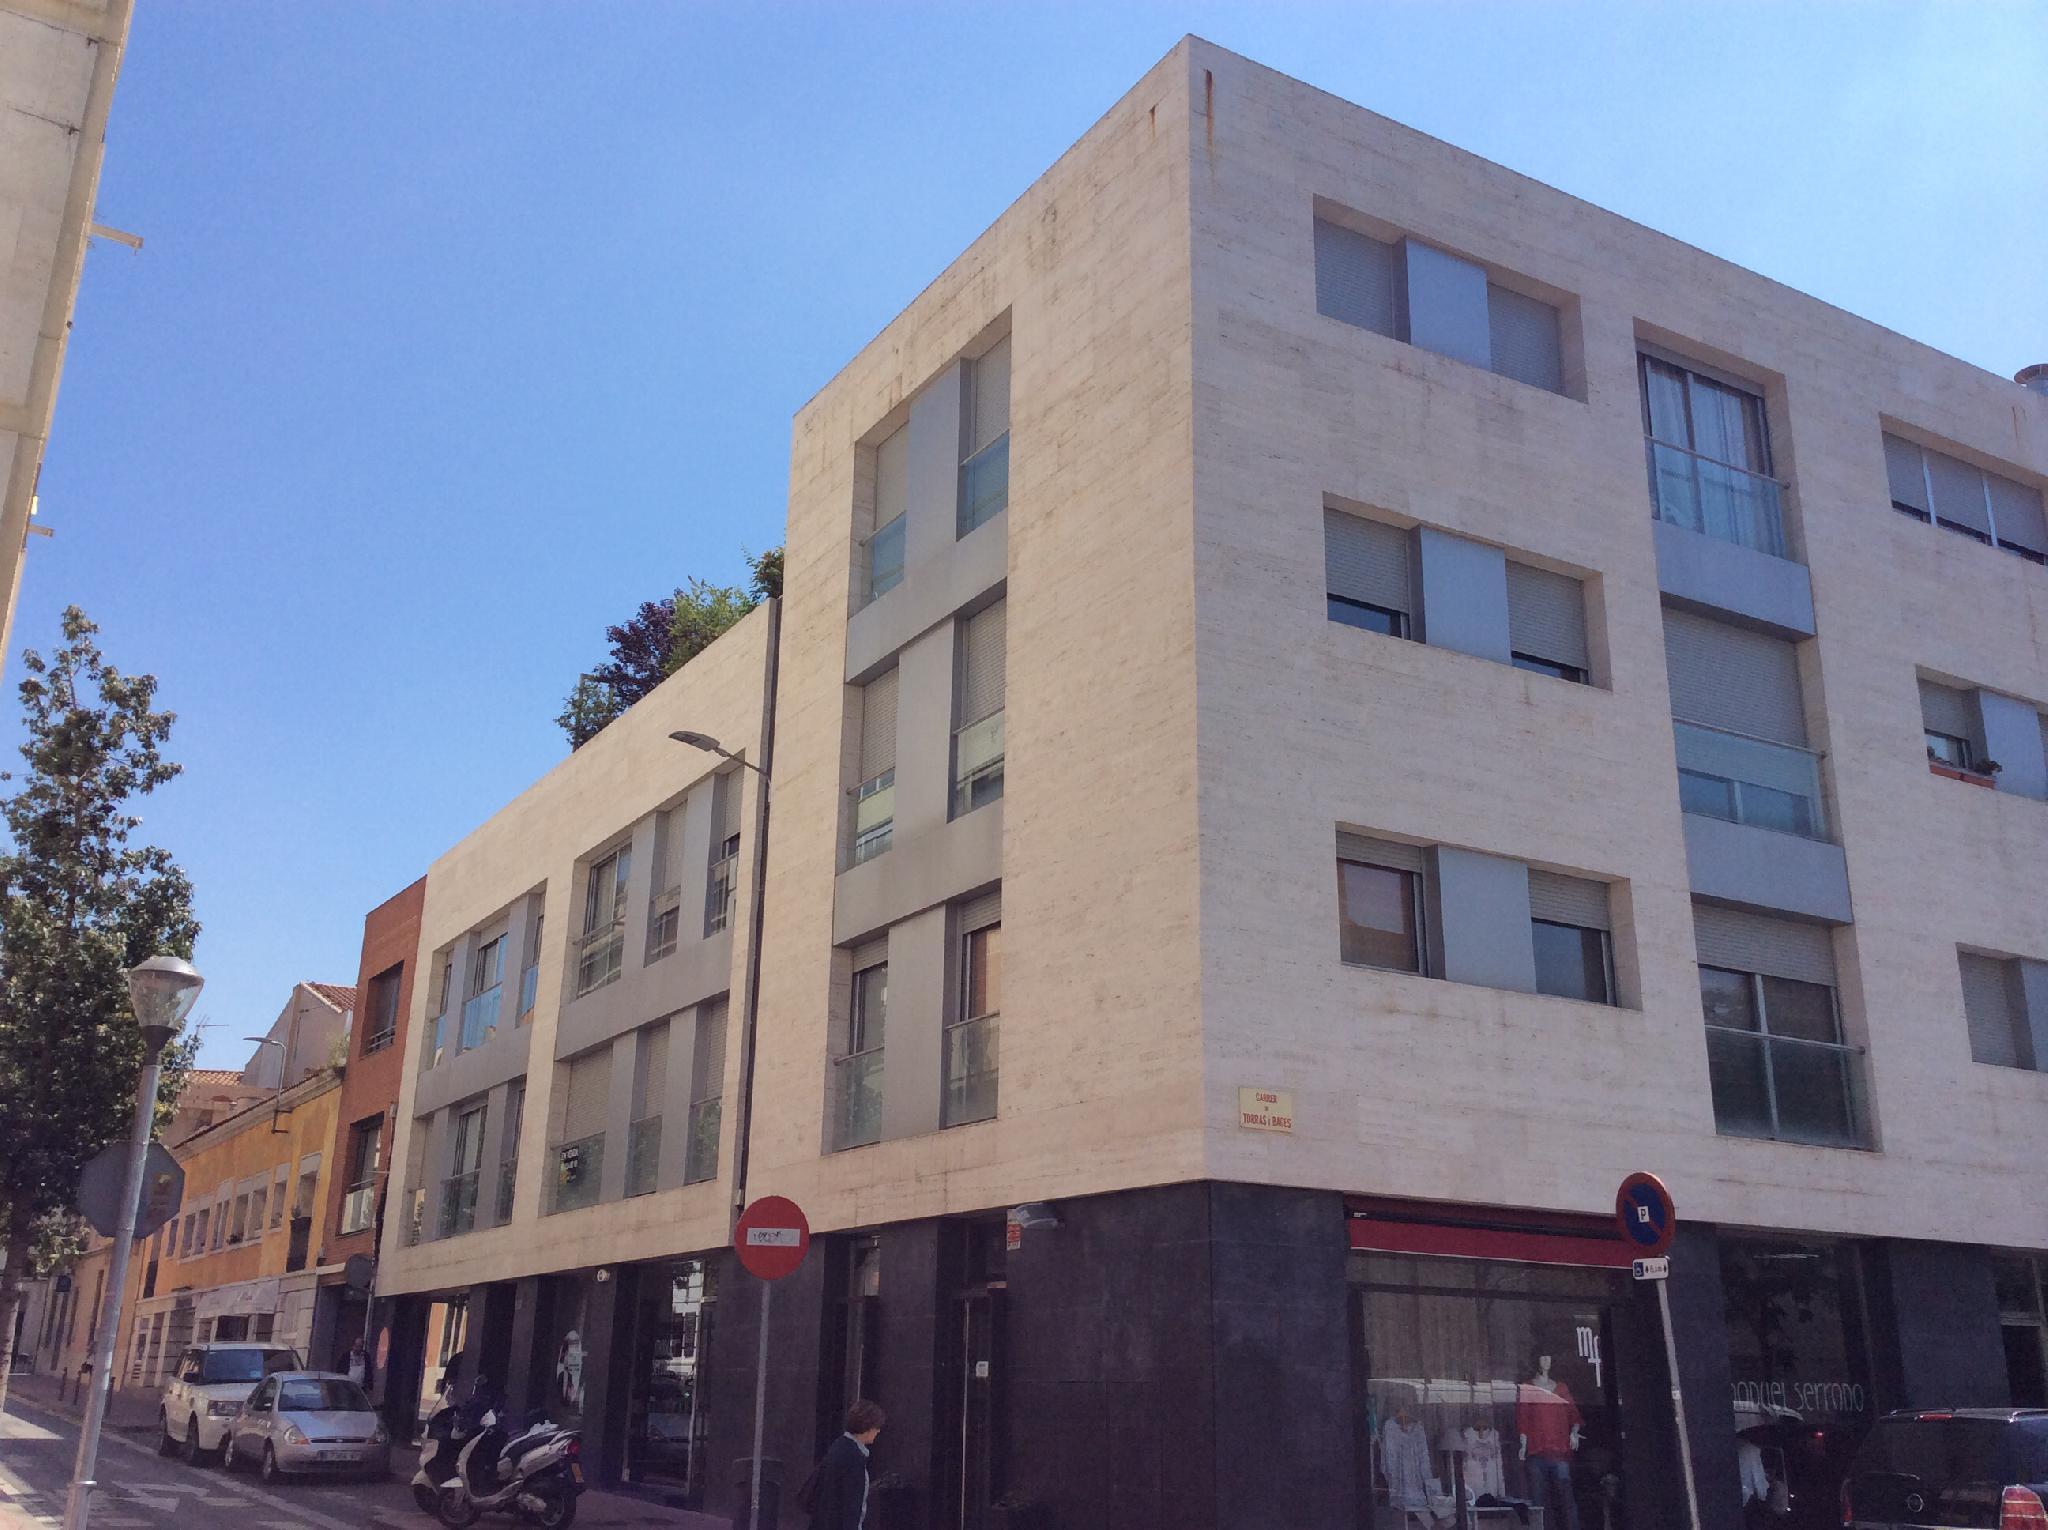 159784 - Junto al Ayuntamiento de Sabadell